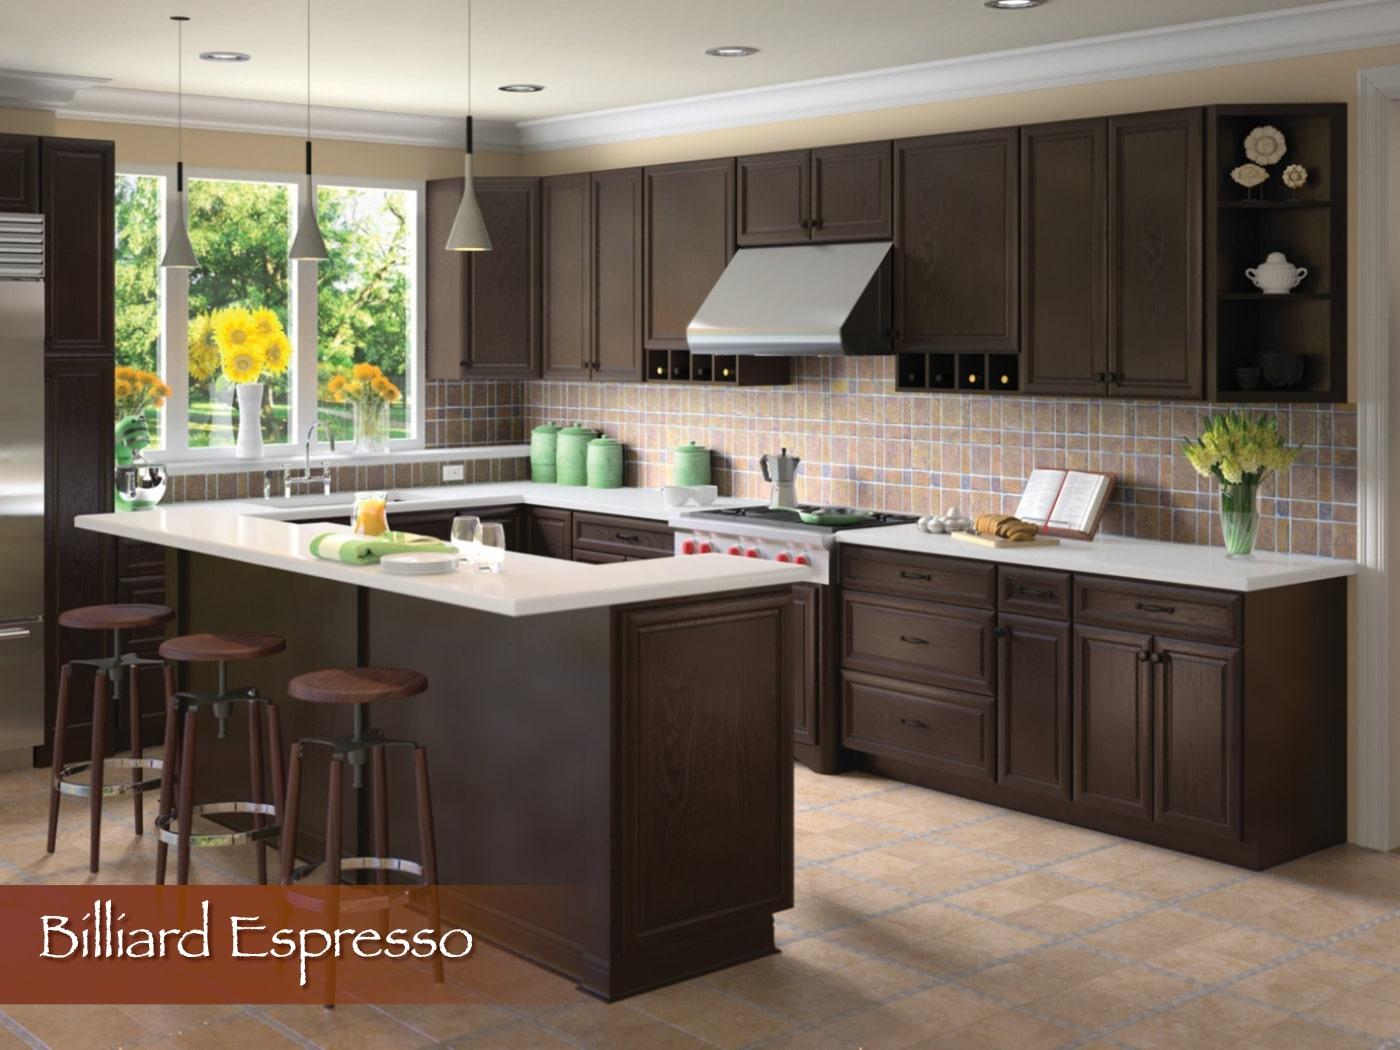 Billiard Espresso